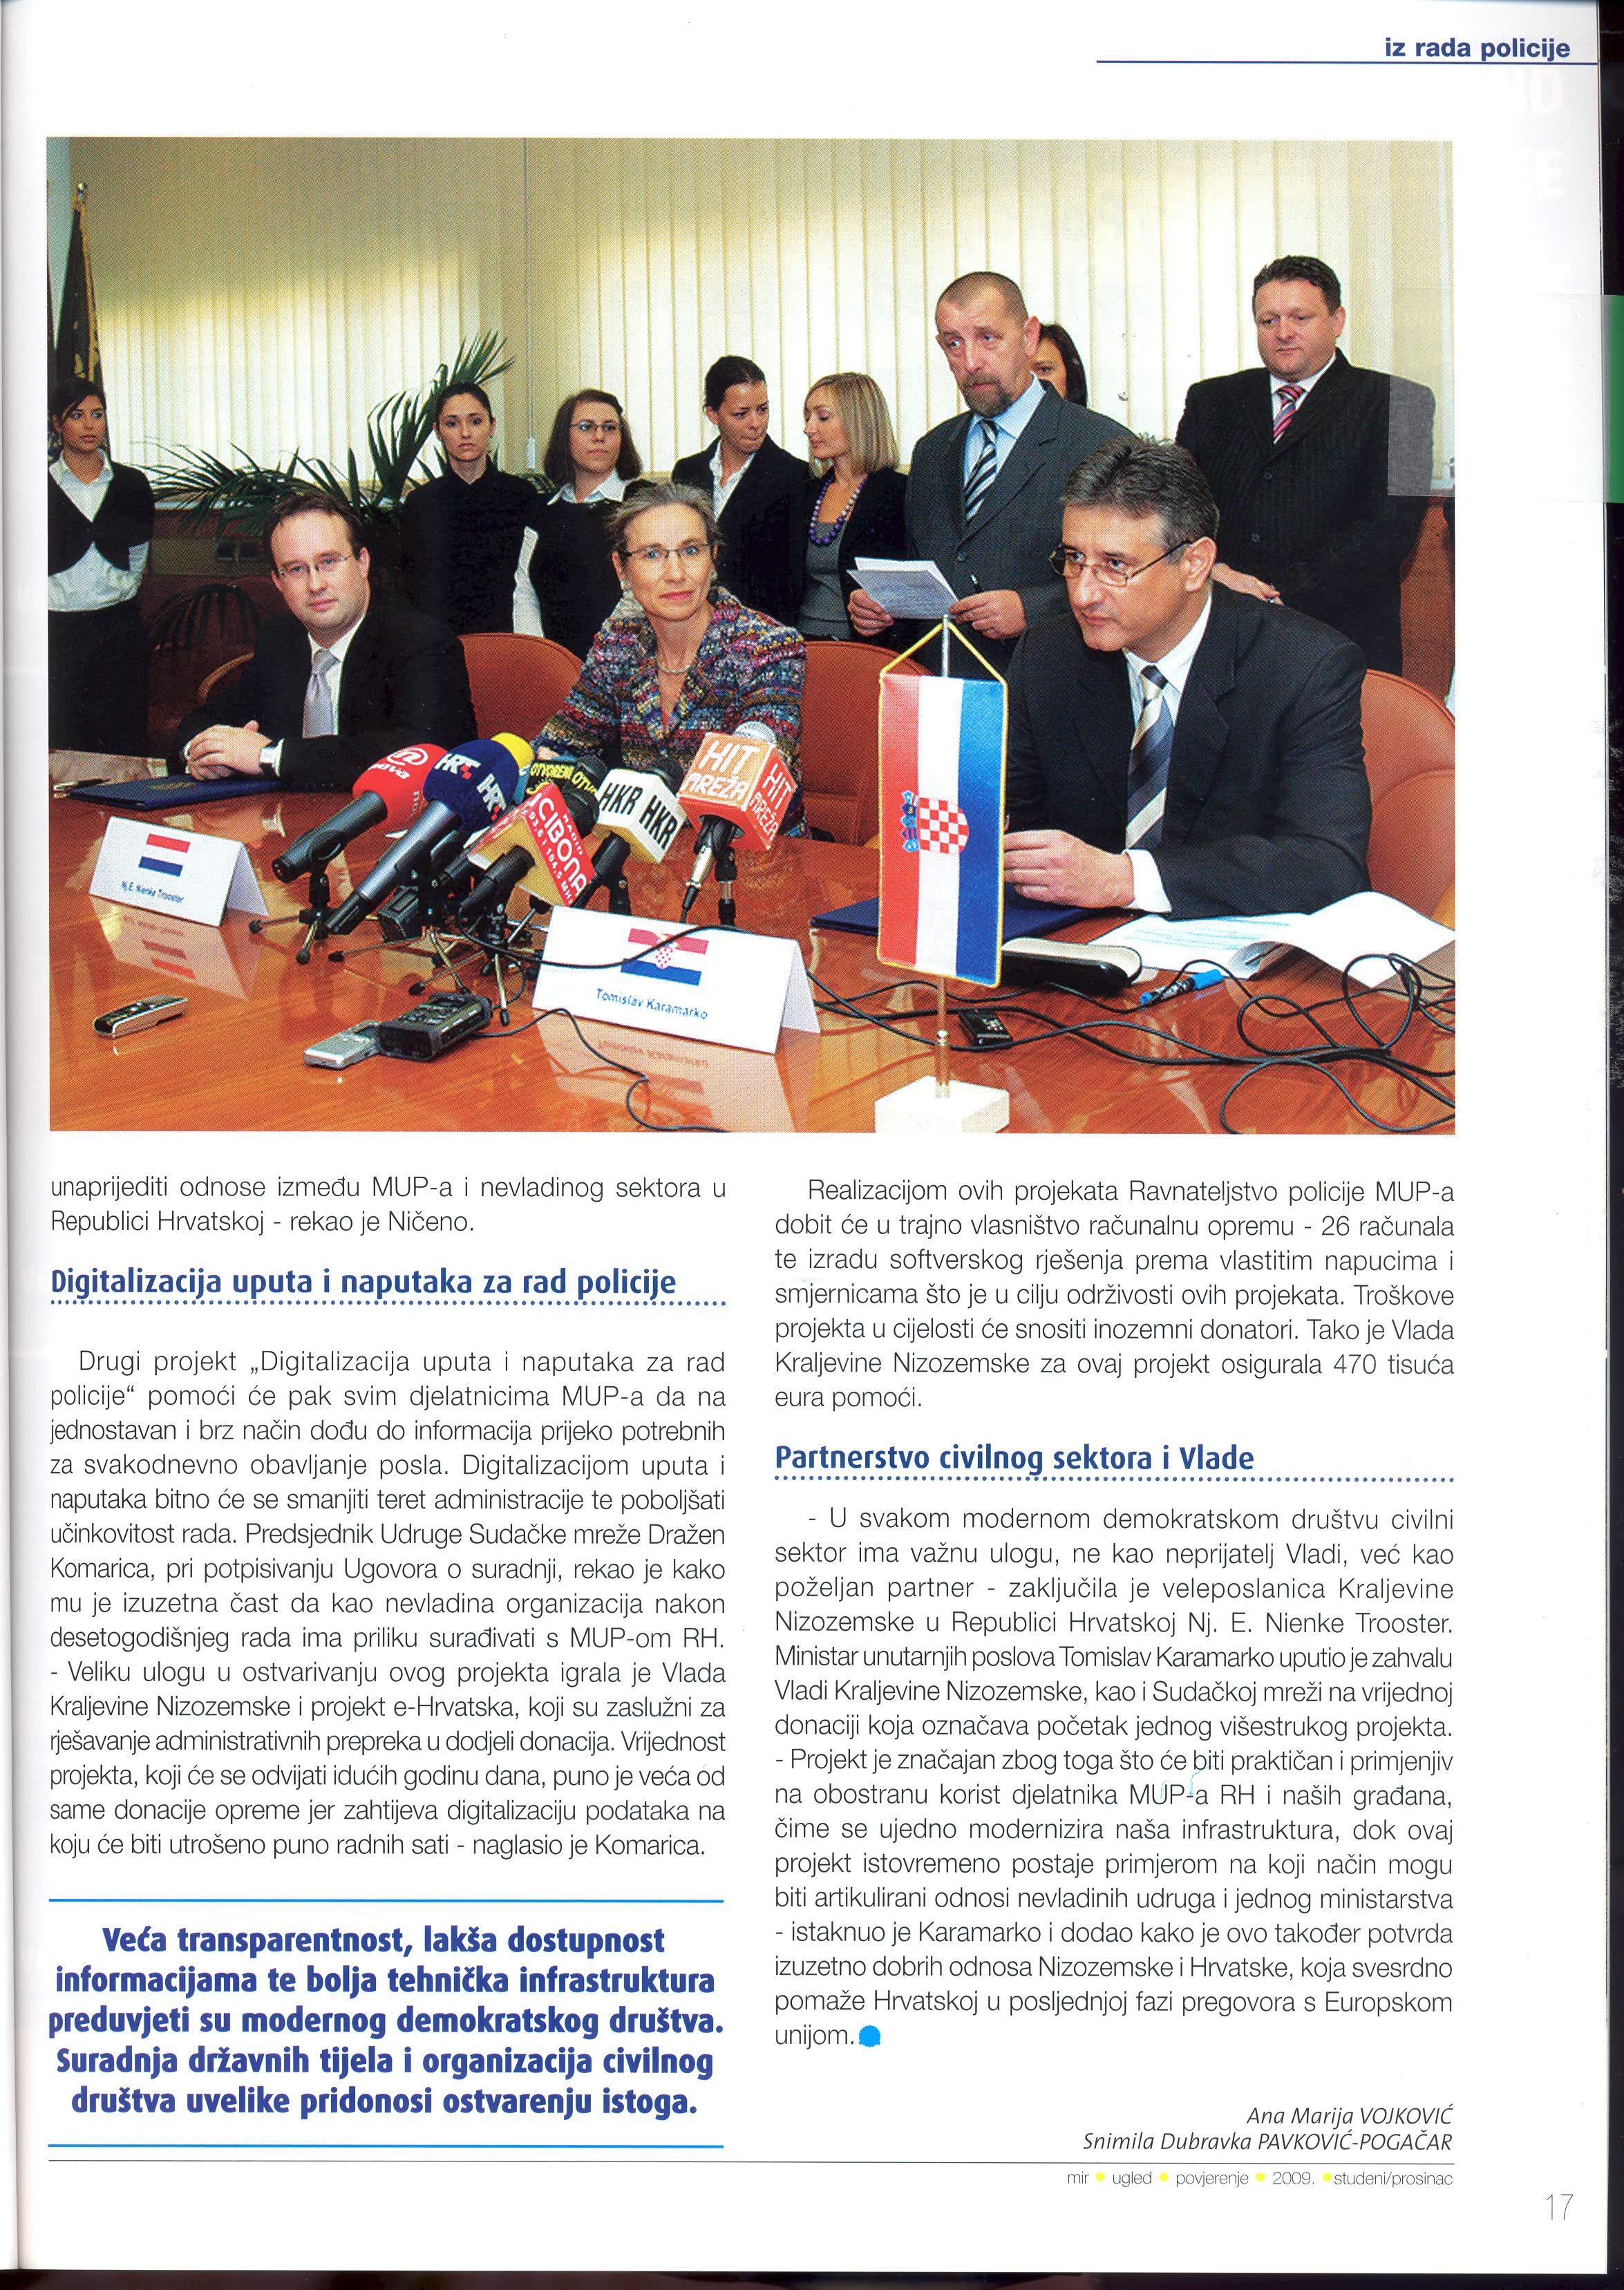 glasiloMUPa112010_Page_3.jpg